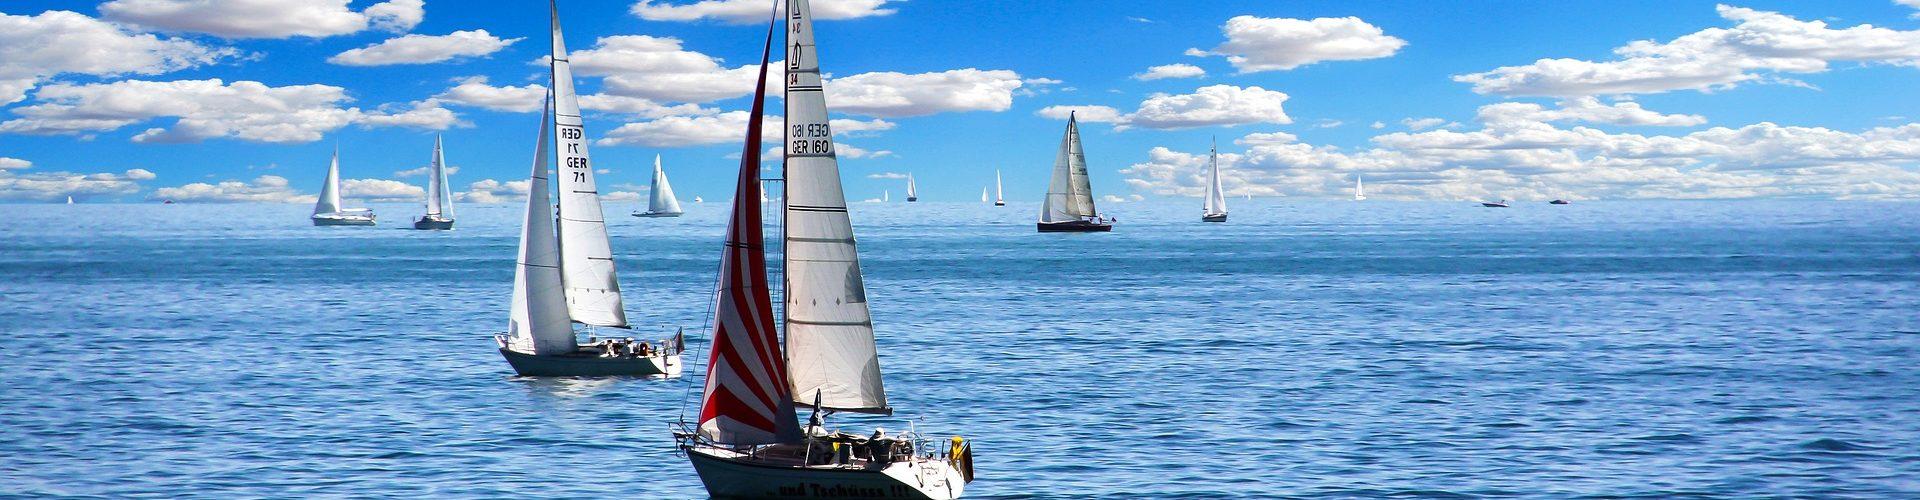 segeln lernen in Handeloh segelschein machen in Handeloh 1920x500 - Segeln lernen in Handeloh